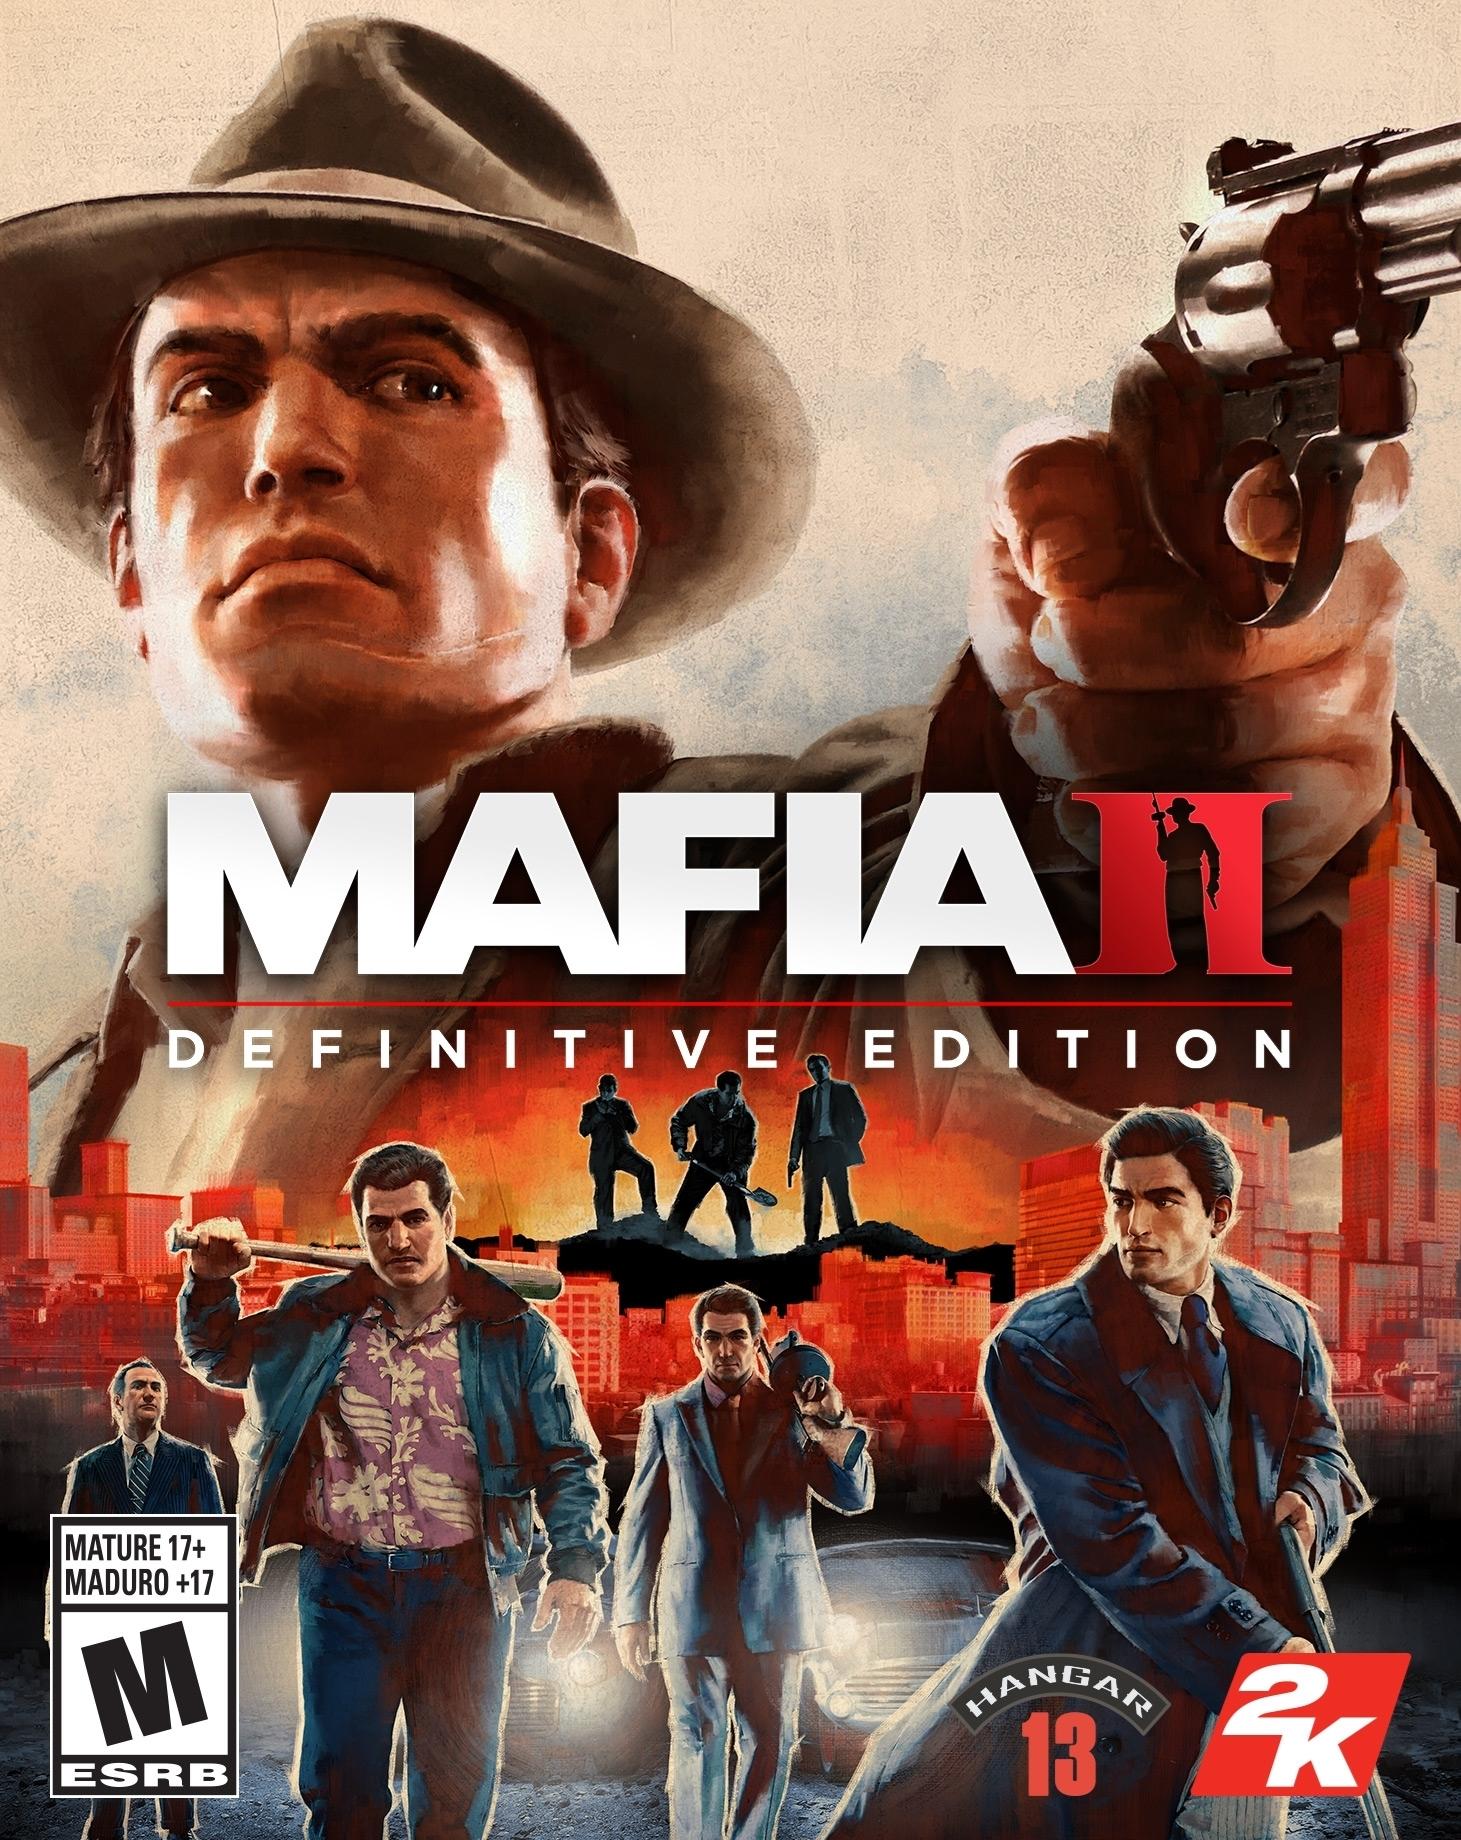 Mafia II: Definitive Edition (Steam) | ROW (32ee3069-e0d7-4aa2-868e-e4710d41d9e1)